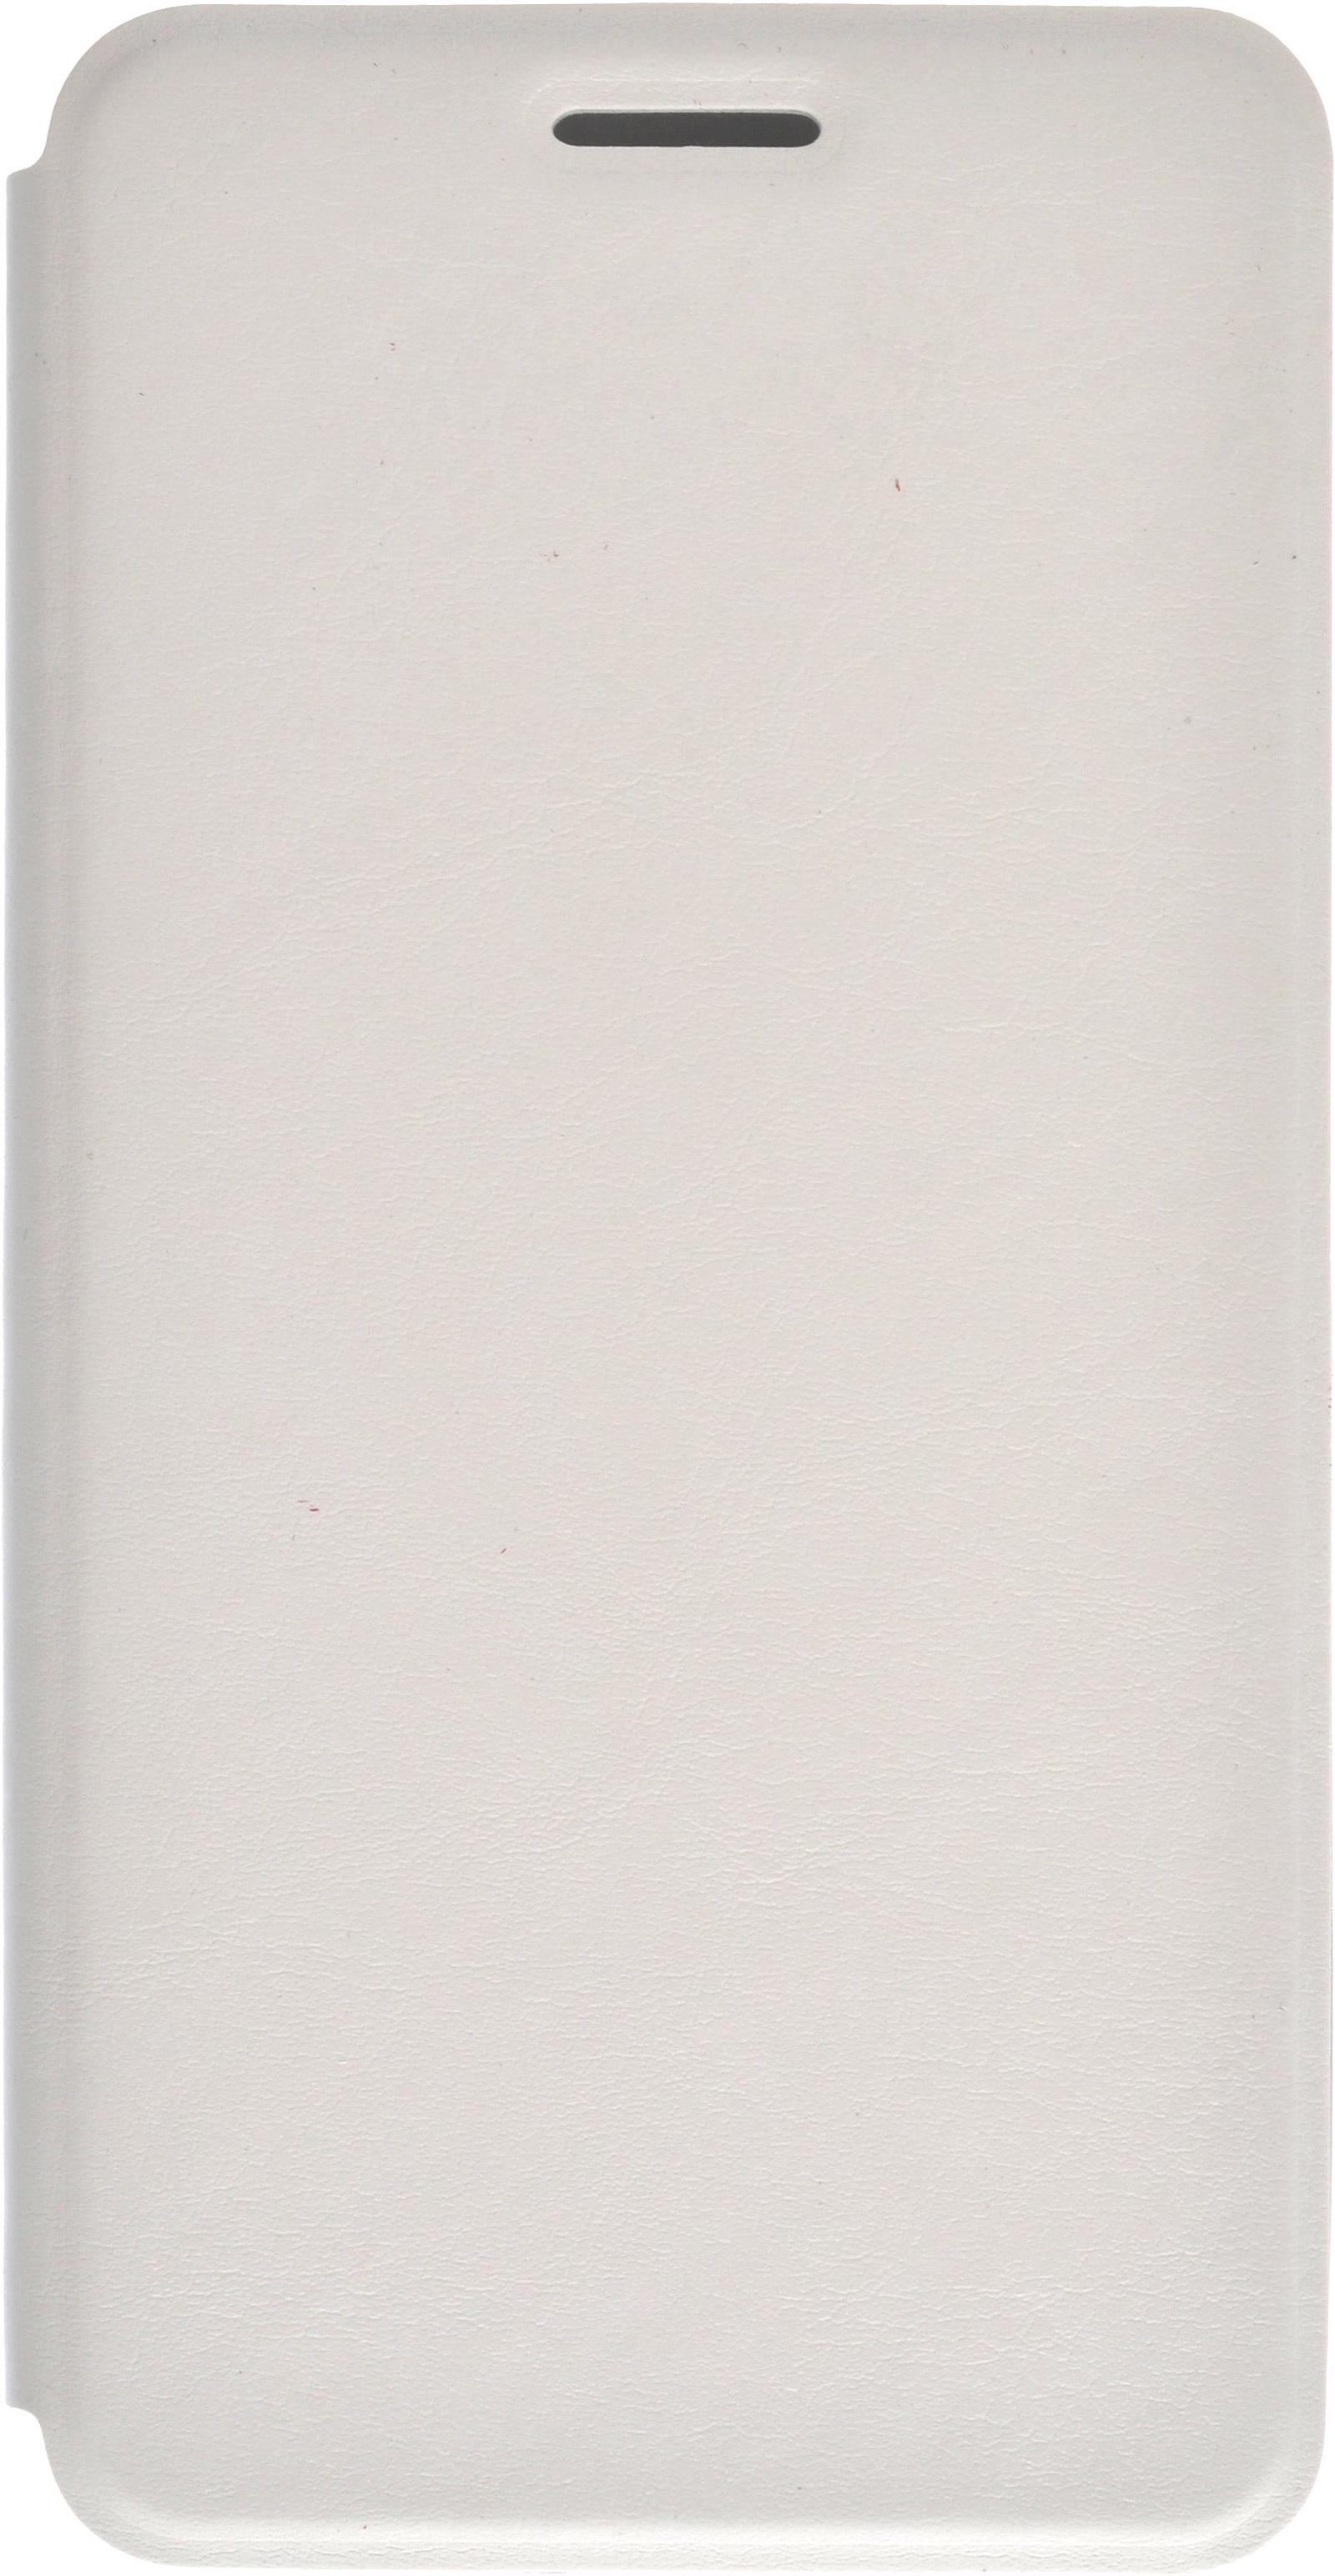 Чехол для сотового телефона skinBOX Lux, 4630042527294, белый nokia cc 3096 чехол для lumia 435 532